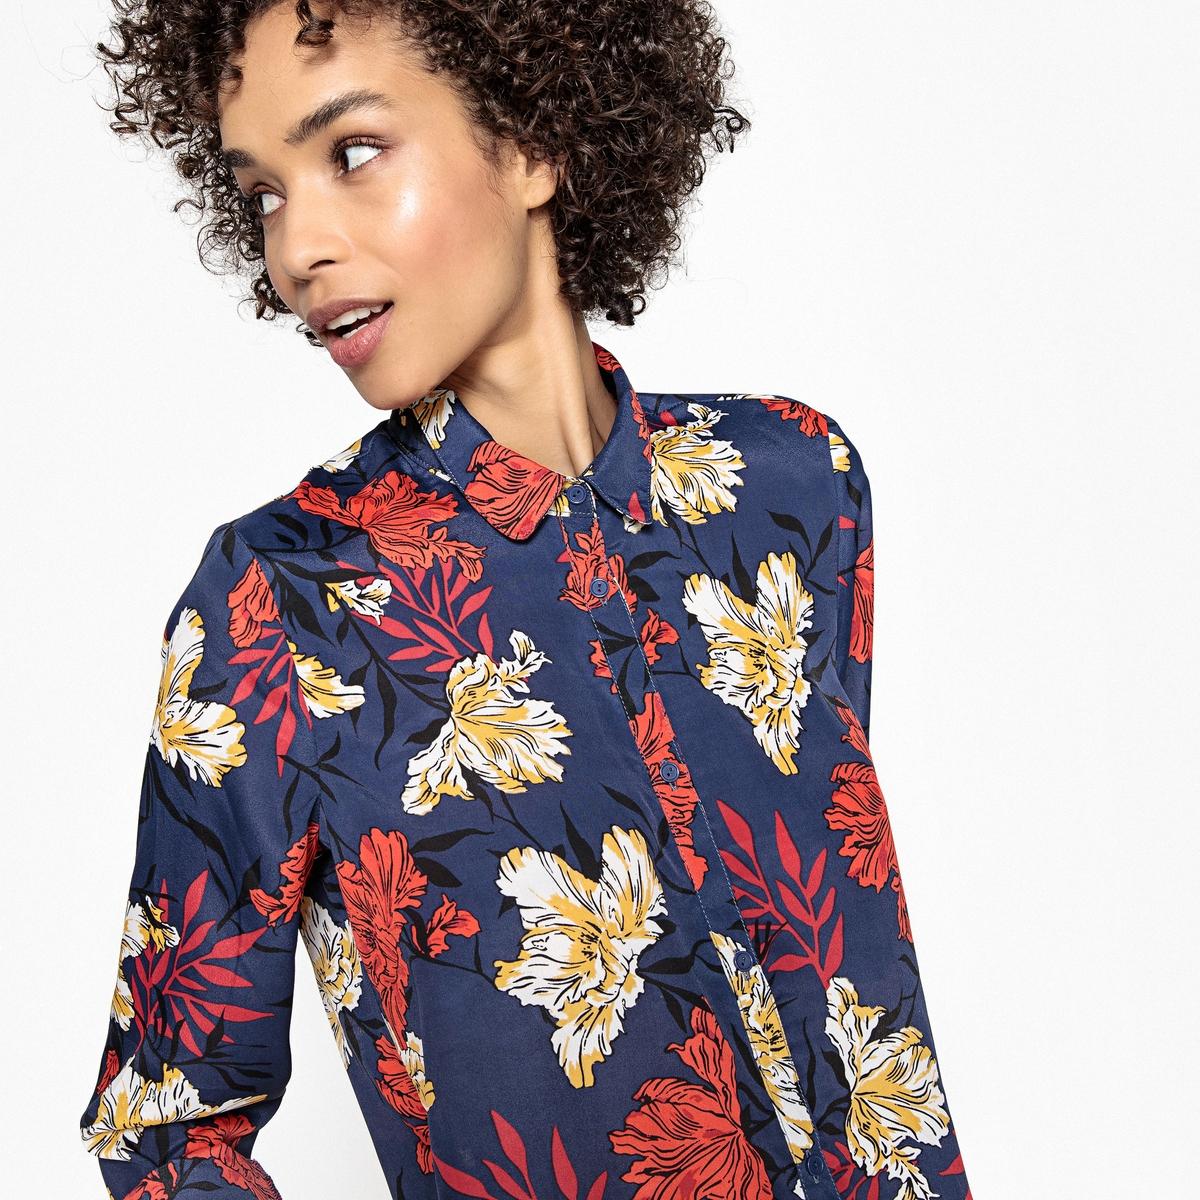 Camisa vaporosa de manga larga, estampado de flores